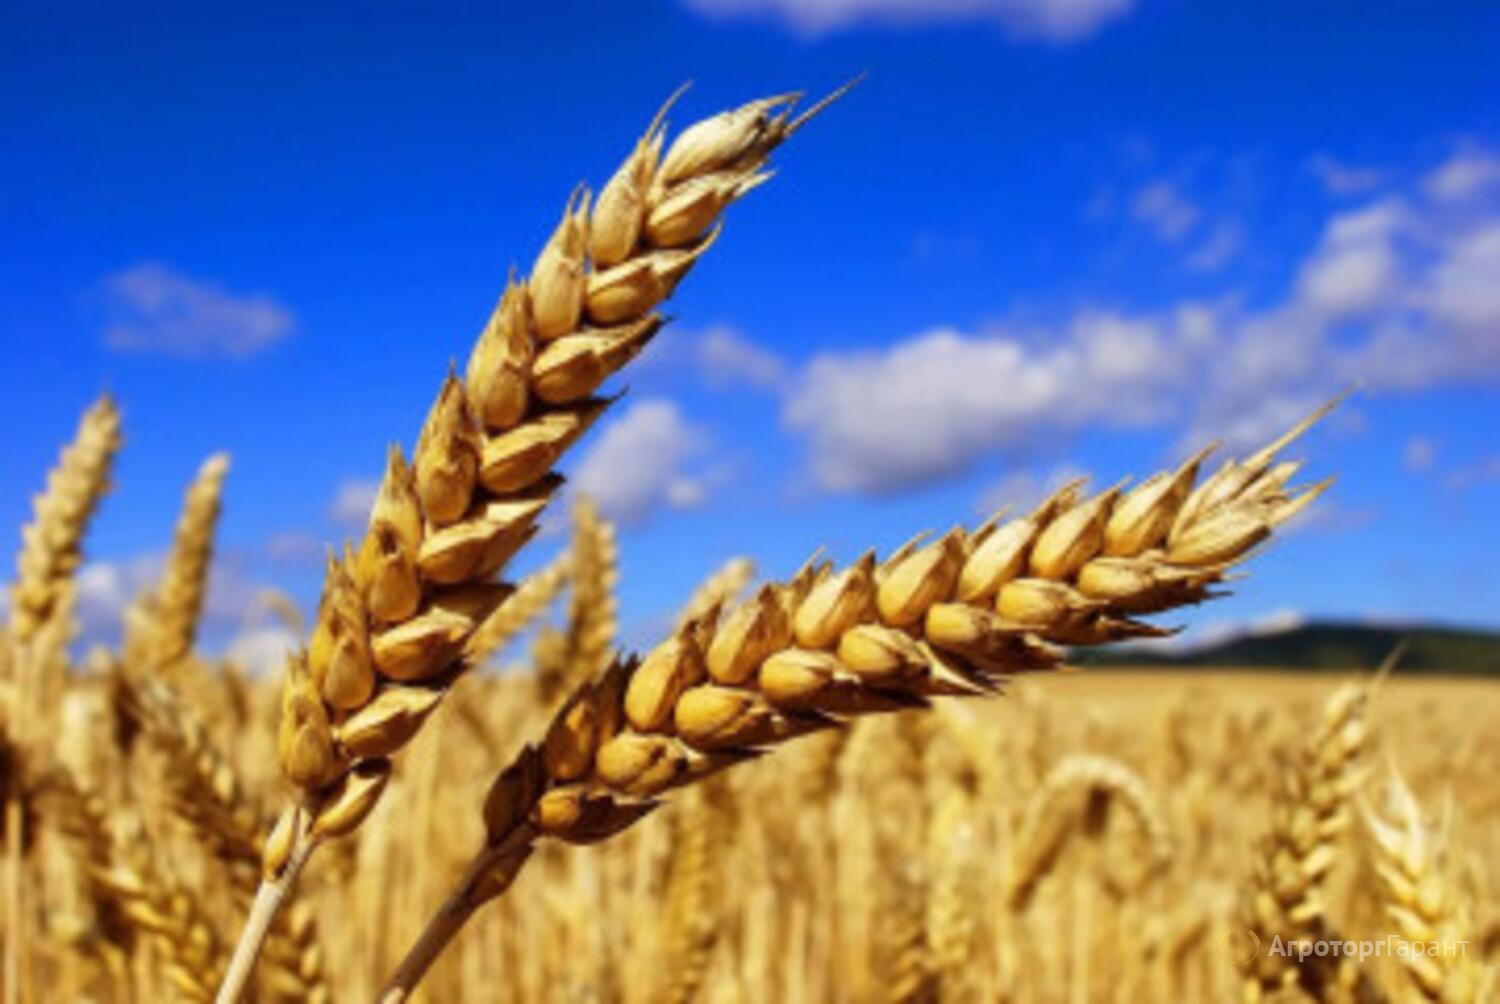 Объявление Семена озимой пшеницы ЭС ГУРТ, ГРОМ,АЛЕКСЕИЧ, БЕЗОСТАЯ 100, ЮКА, ТИМИРЯЗЕВКА 150 КАВАЛЕРКА,СОБЕРБАШ в Ростовской области